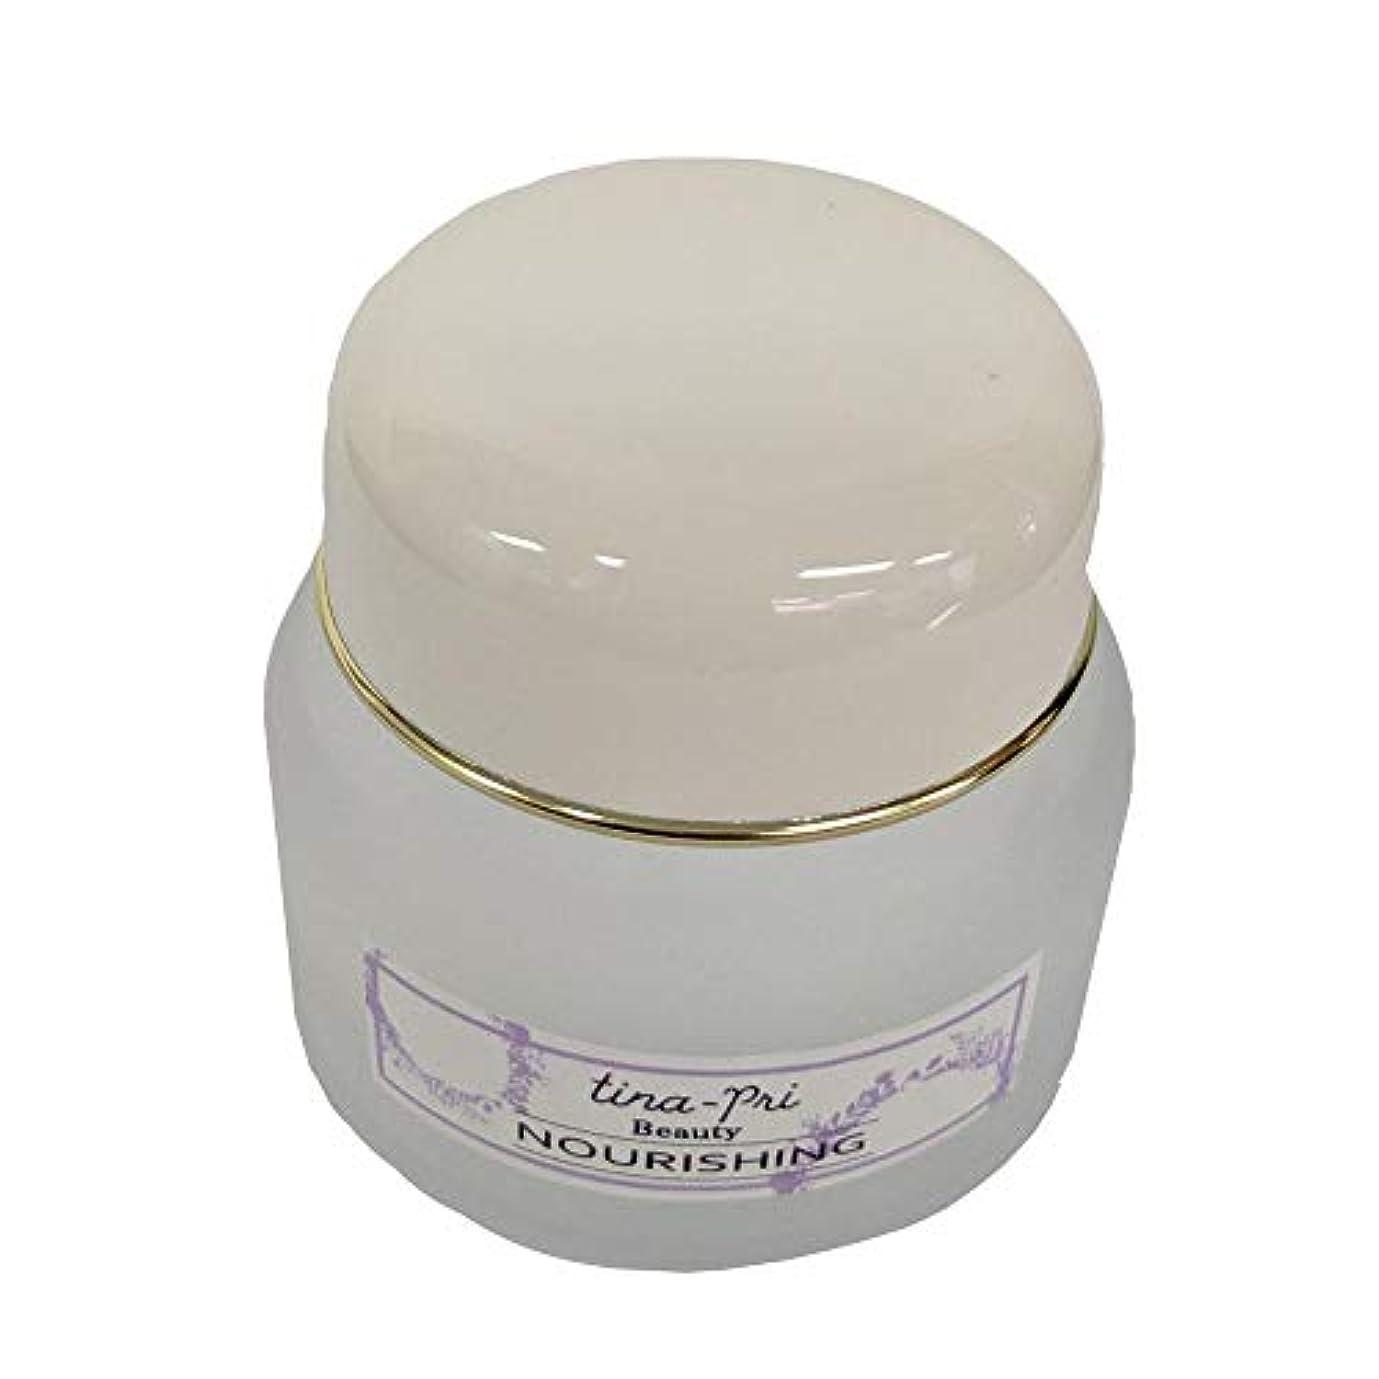 テスピアン前奏曲乳白ティナプリビューティ 基礎化粧品シリーズ ナリシング 30g